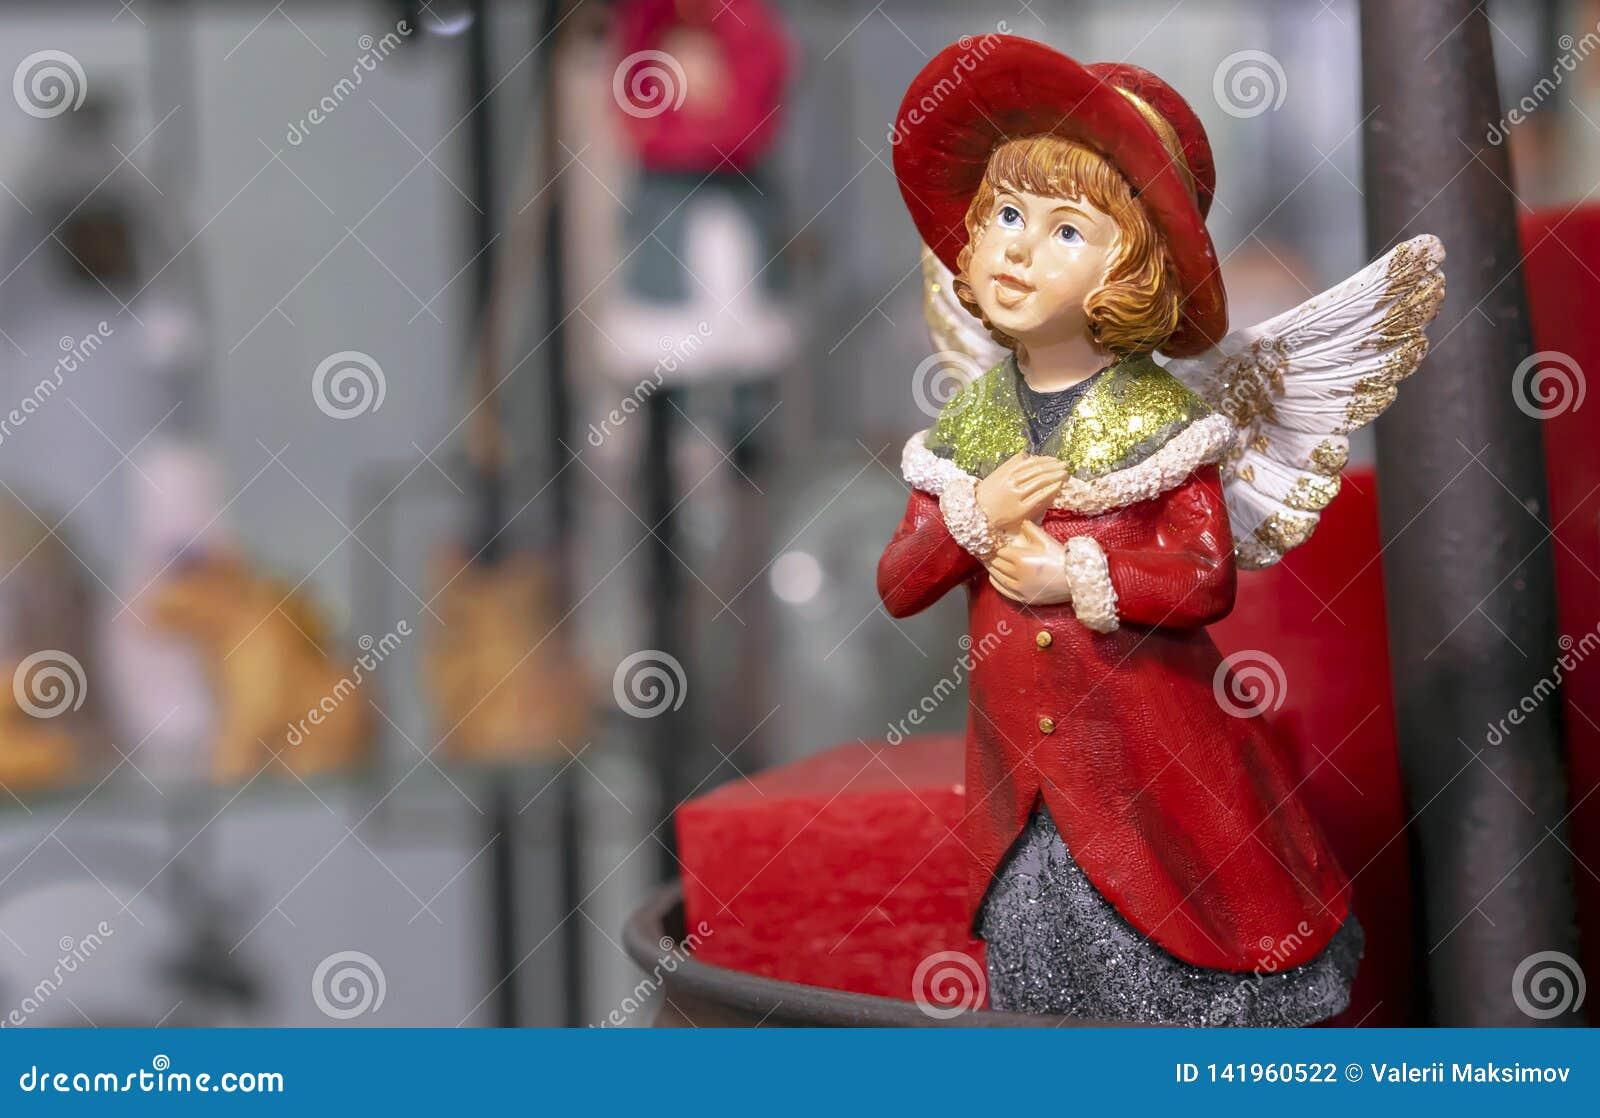 Weinlesefigürchen eines Mädchens in einem roten Mantel mit Engelsflügeln